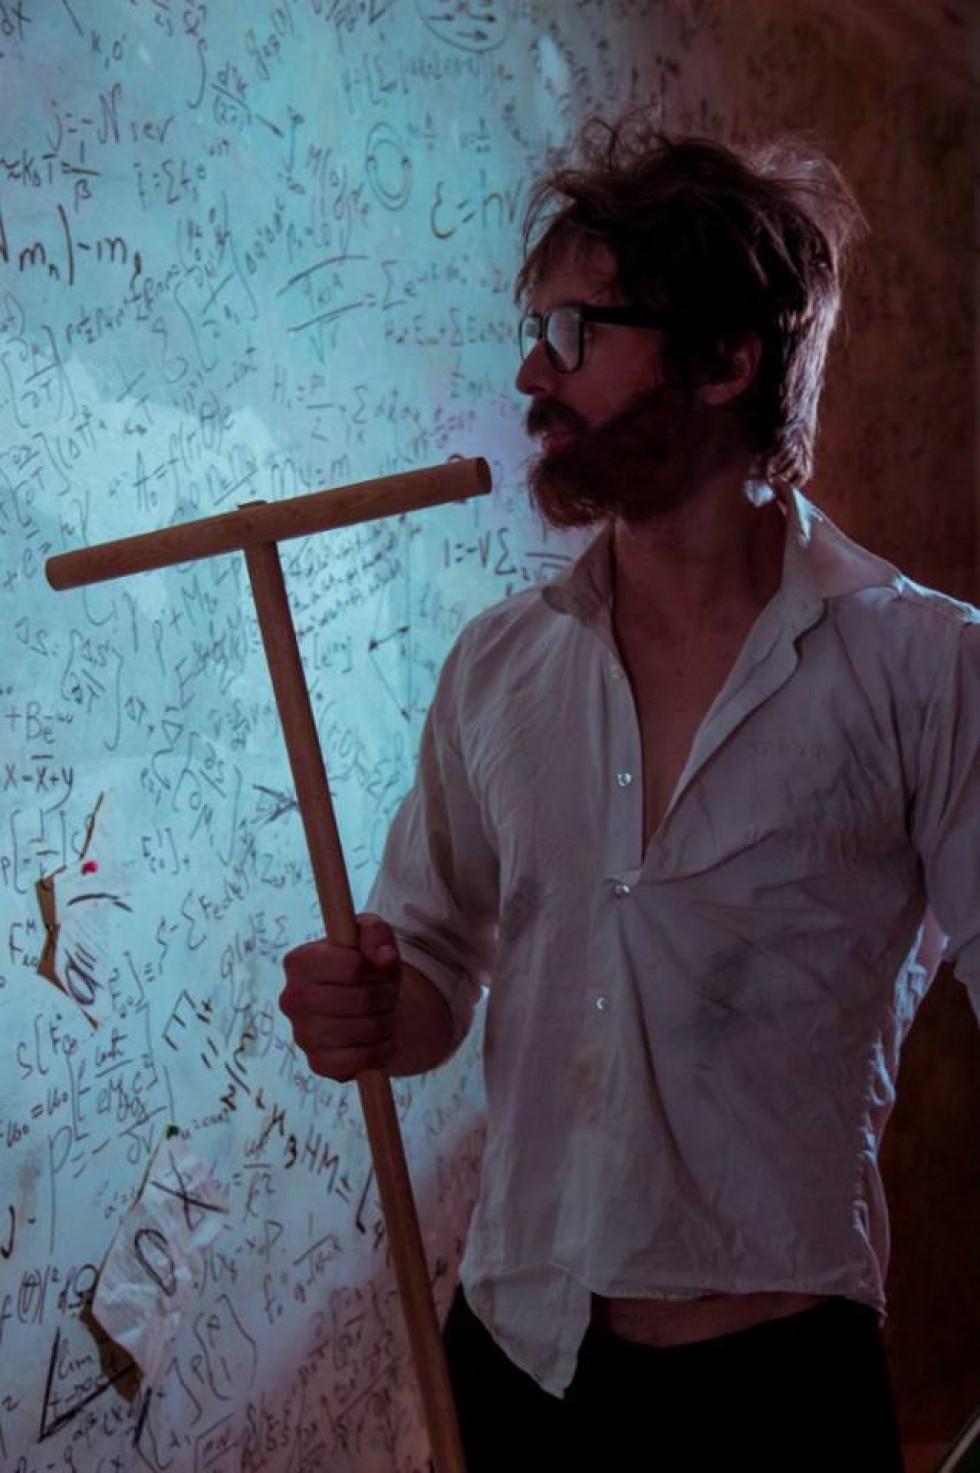 Олексій Авраменко, кадр із короткометражного фільму «Бездоганне самообслуговування»